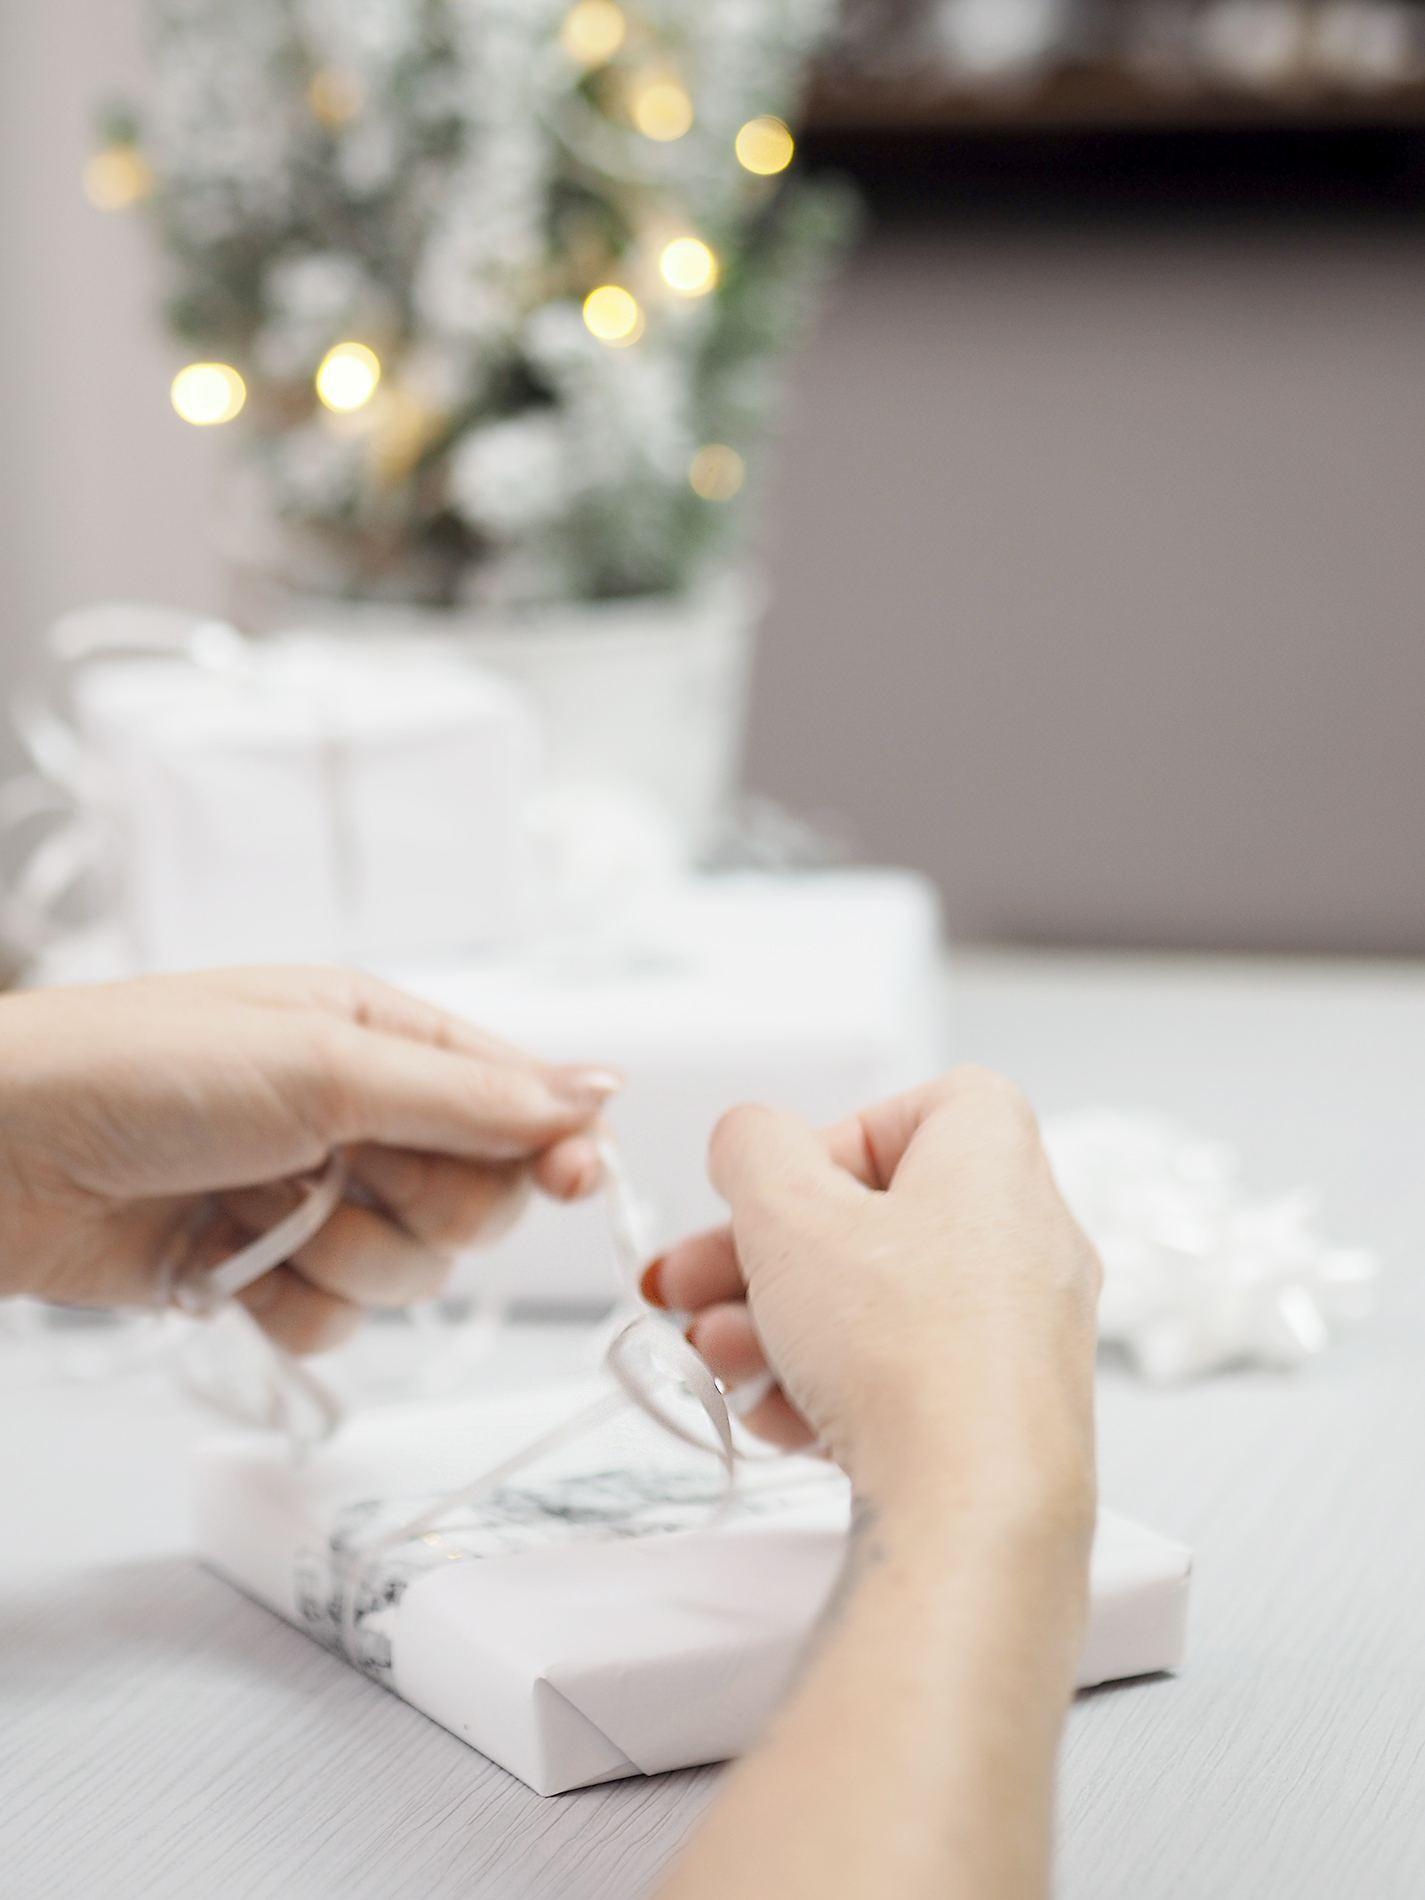 unique ways to wrap presents